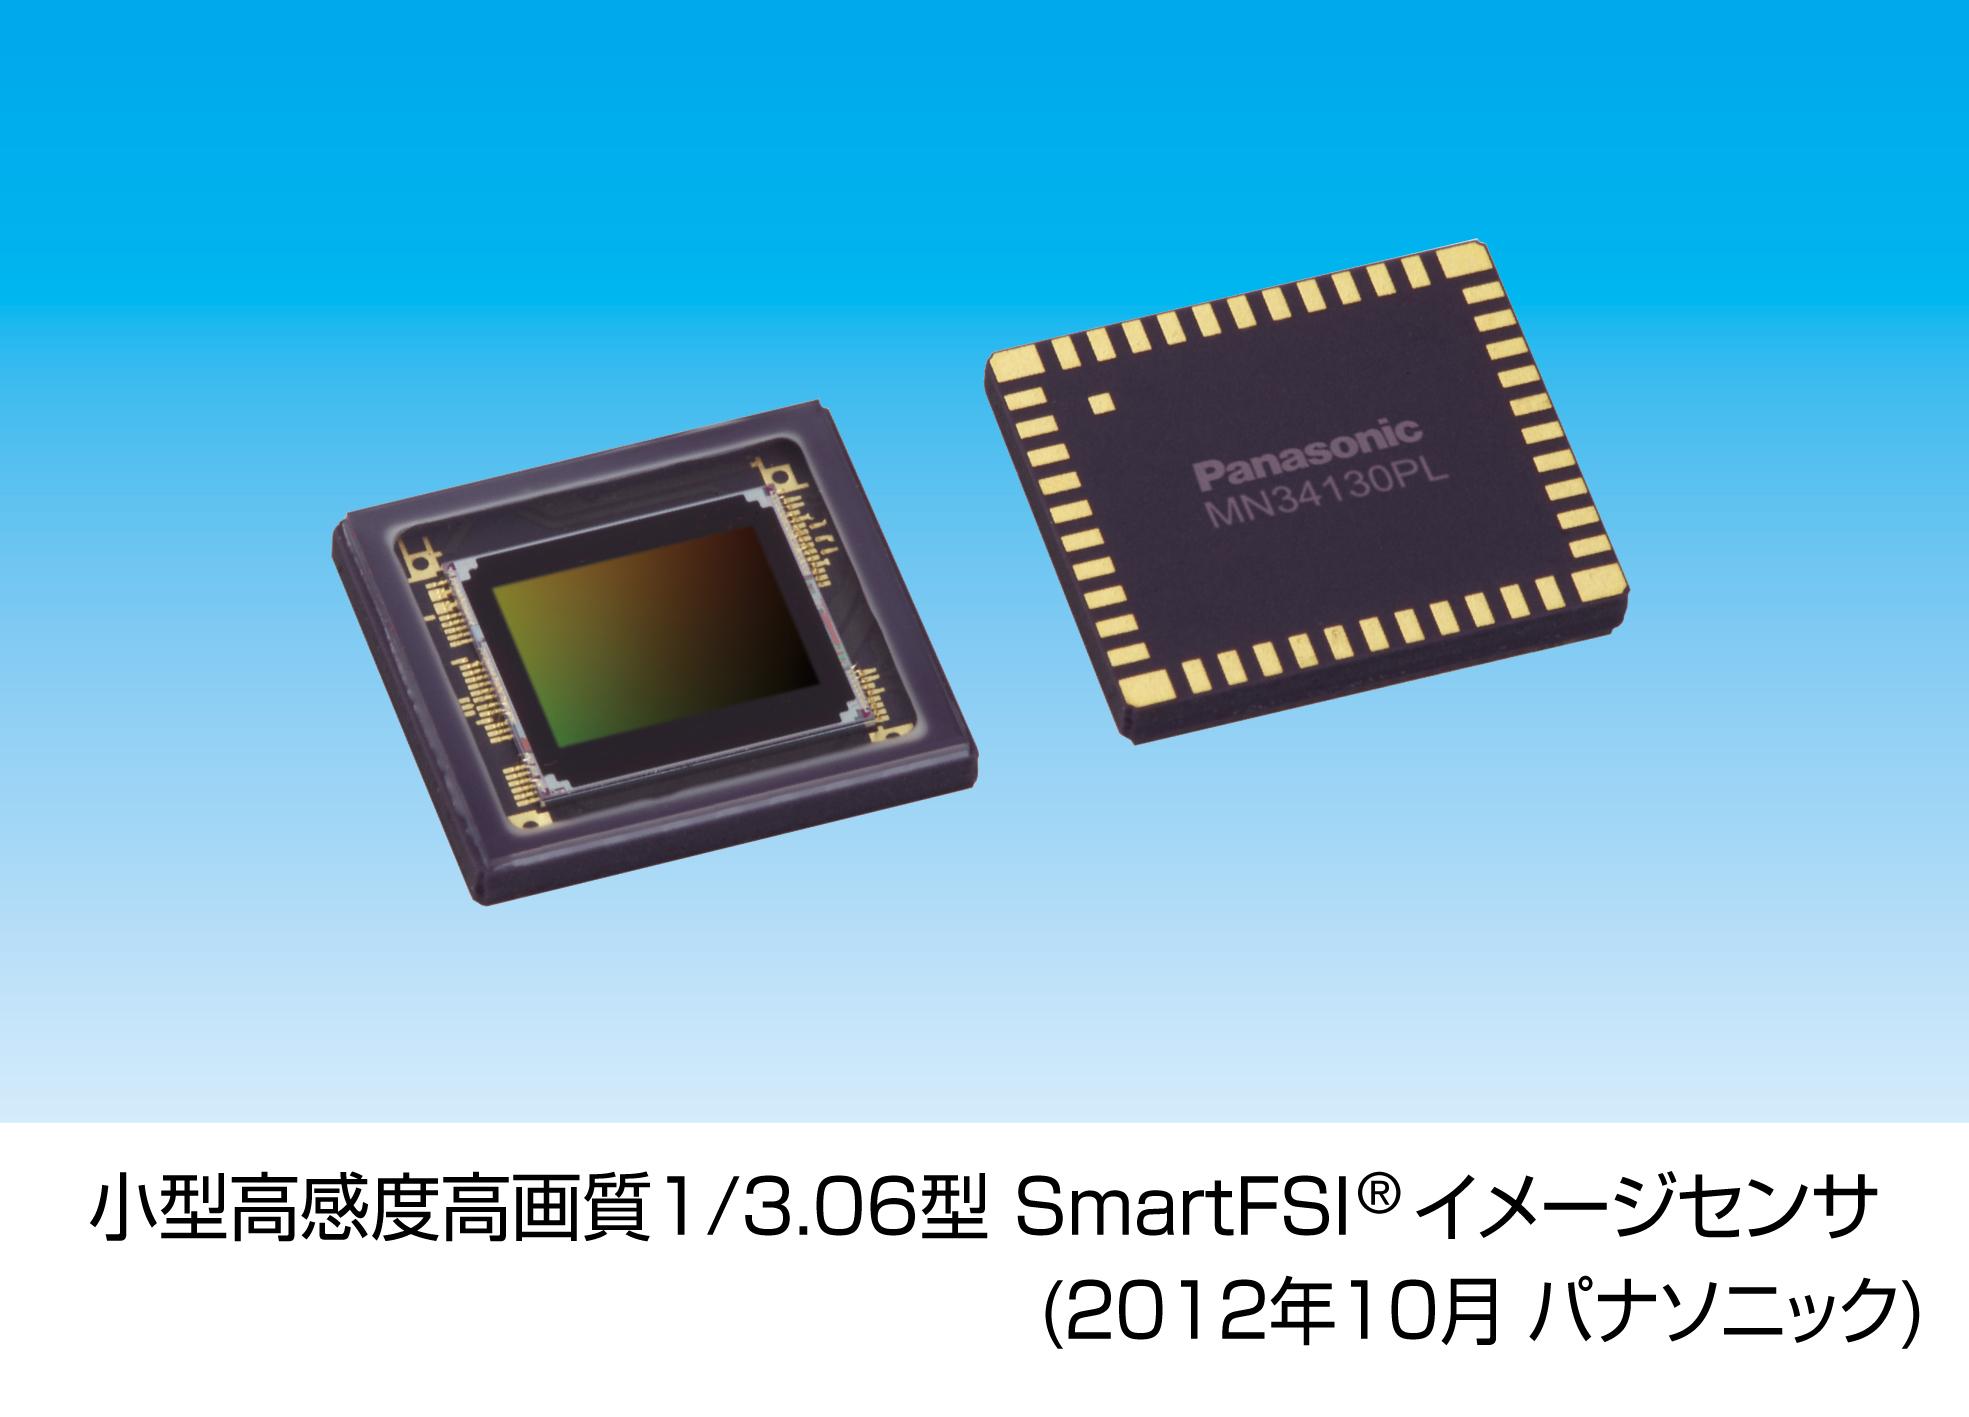 小型高感度高画質 1/3.06型 SmartFSIイメージセンサ